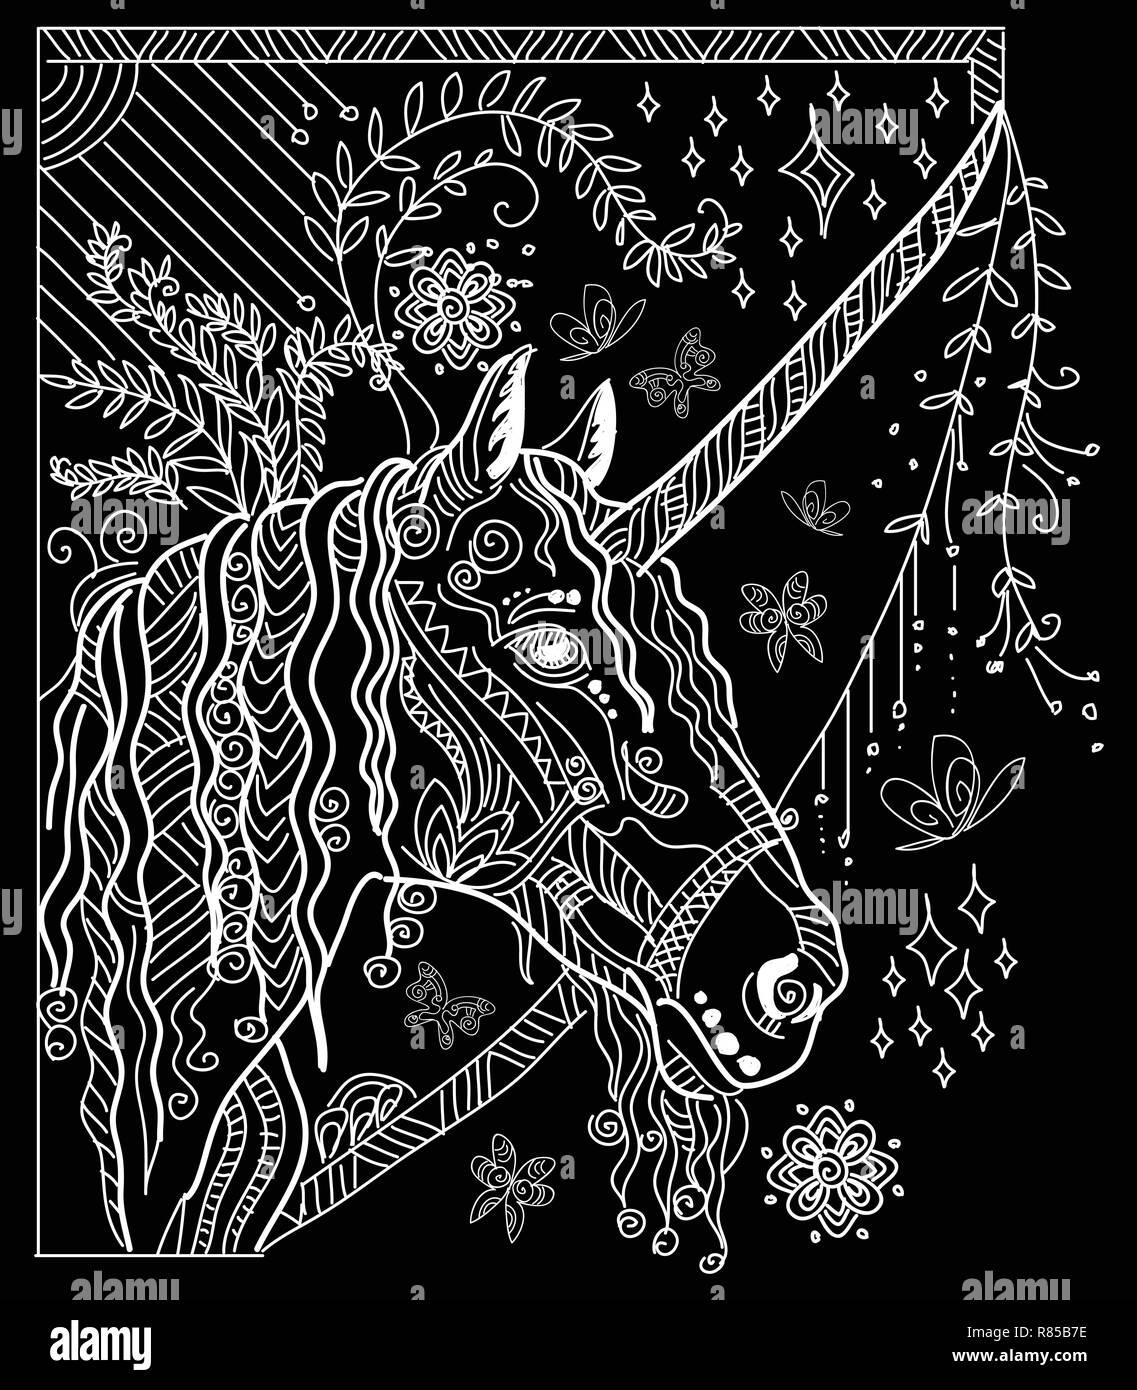 Vettore Di Disegno A Mano Illustrazione Zentangle Unicorn In Colore